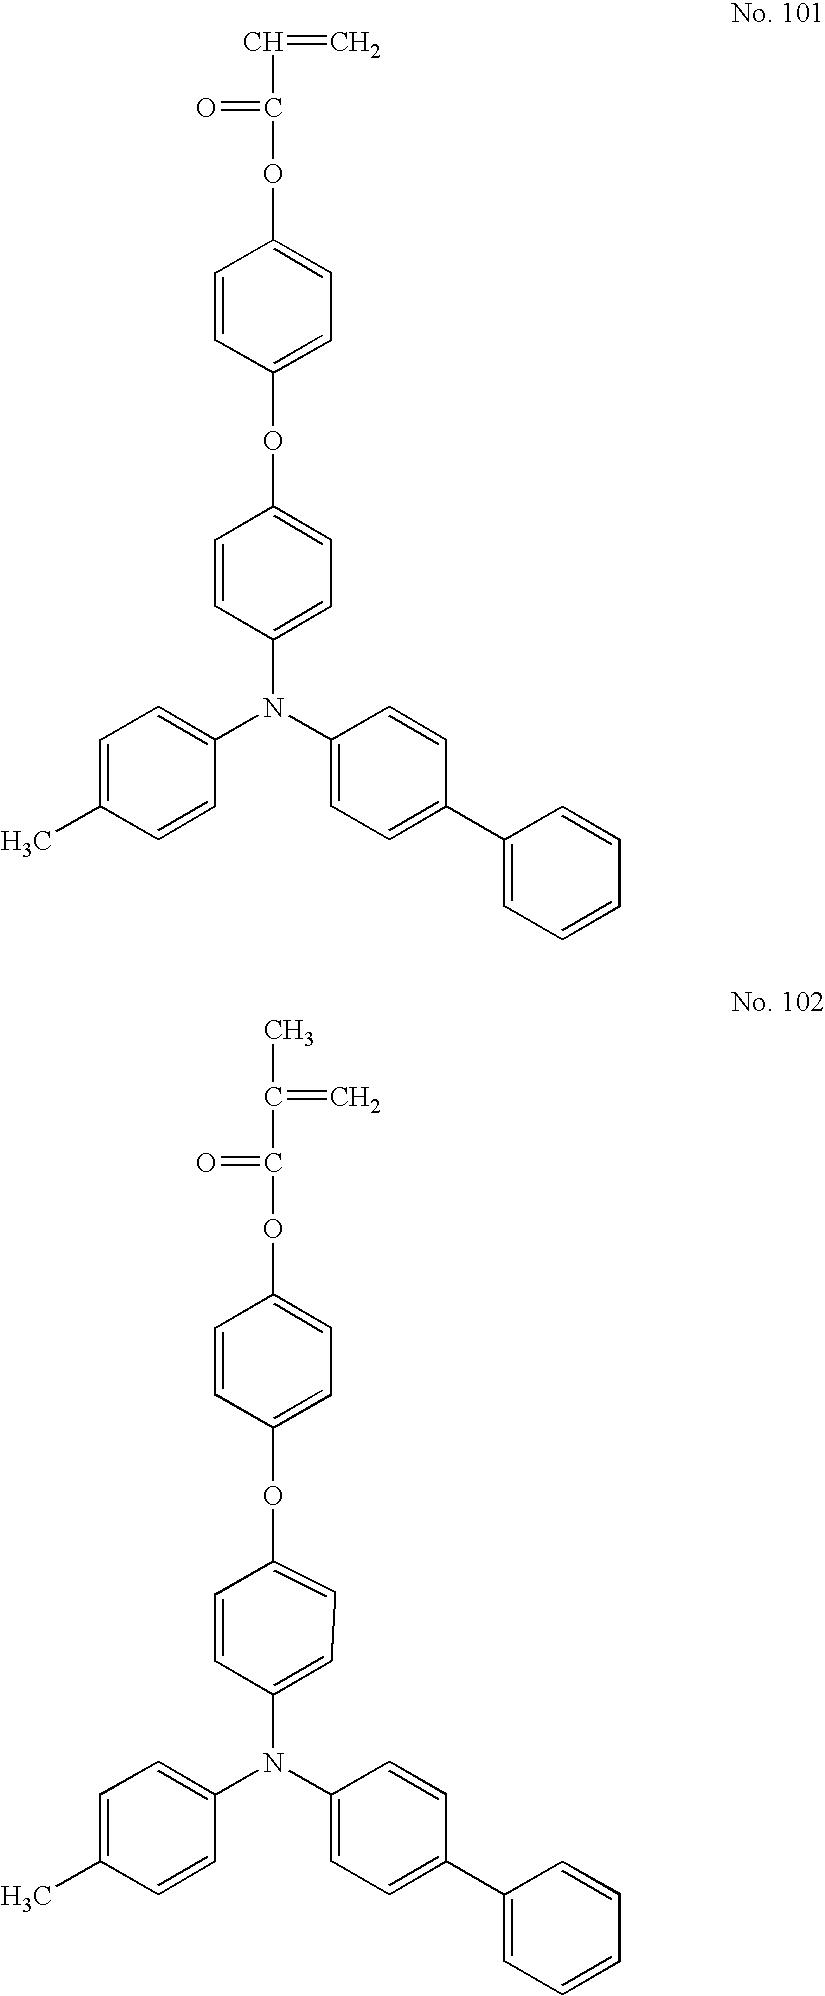 Figure US07824830-20101102-C00050